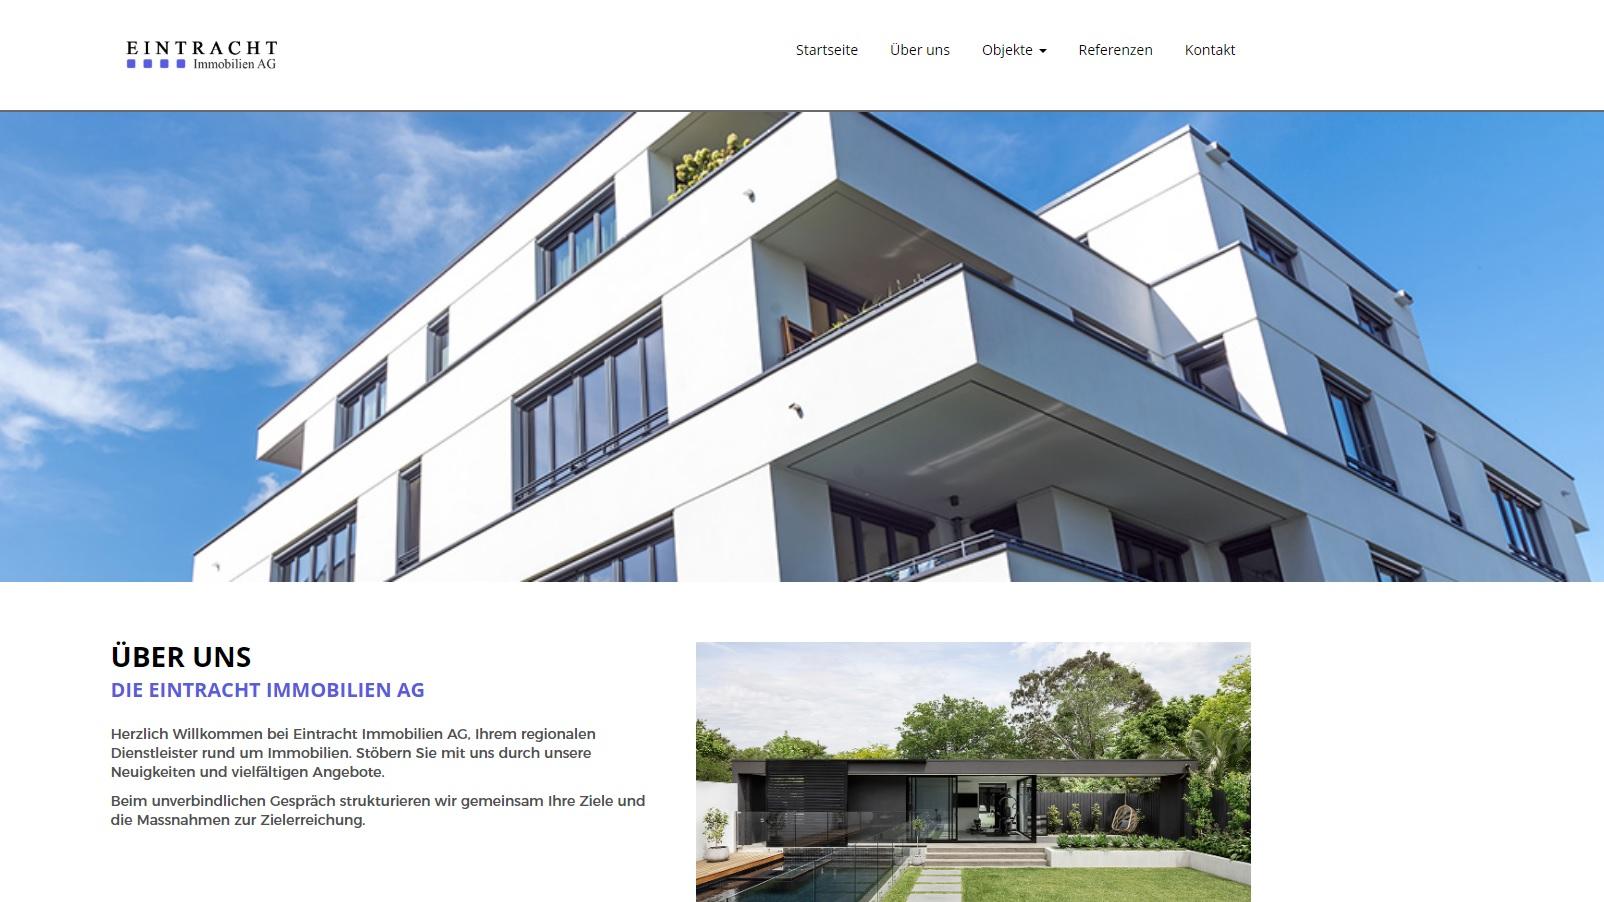 Eintracht Immobilien AG